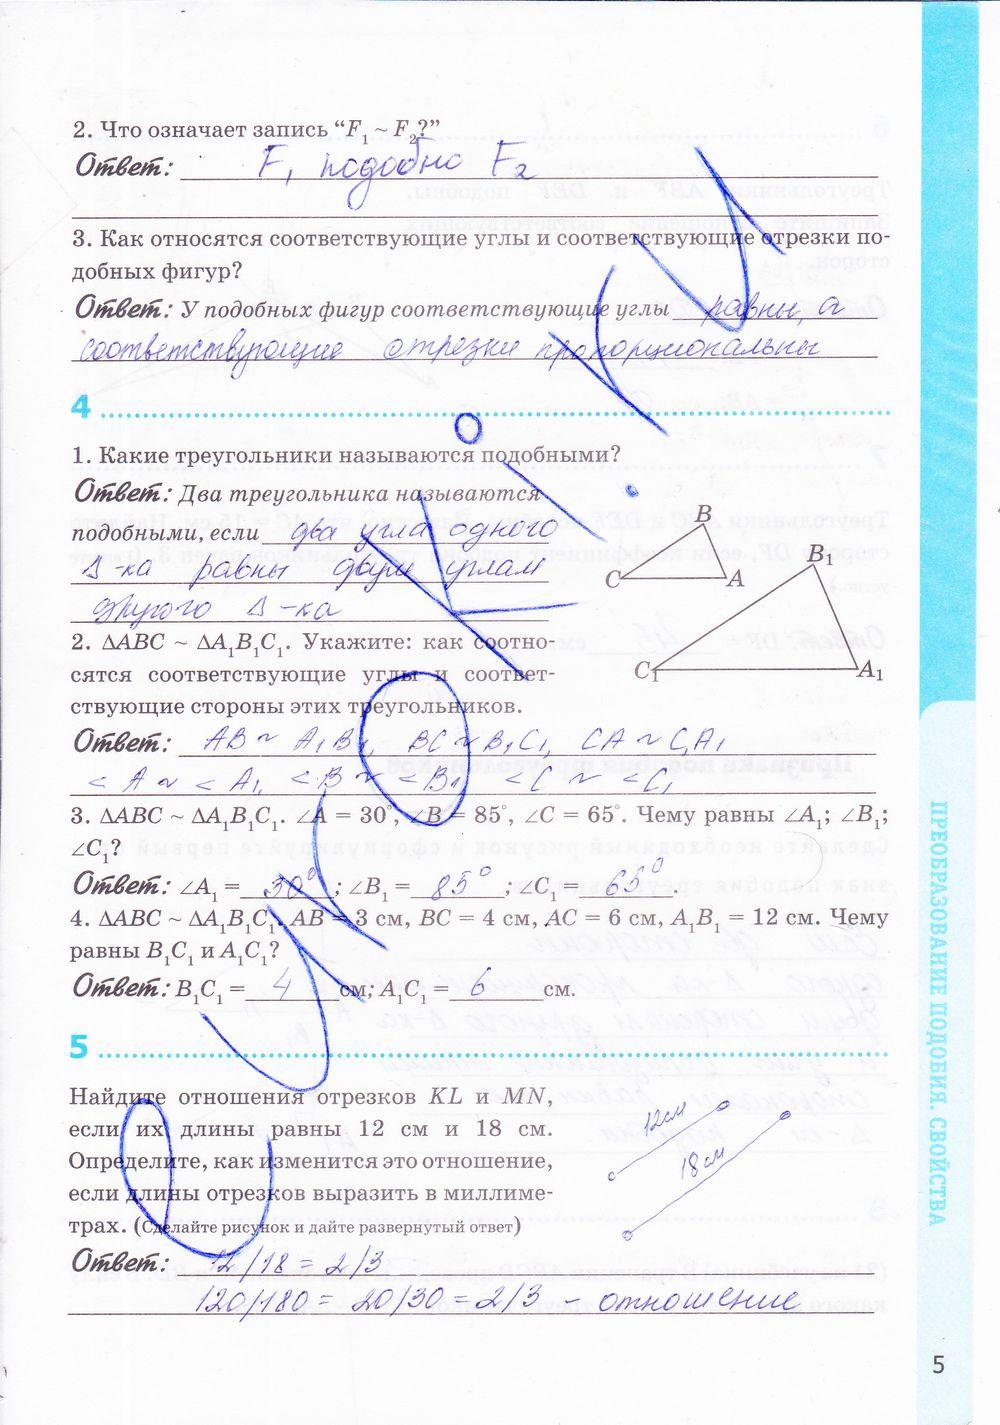 Гдз 6 класс математика янченко кравчук онлайн без регистрации рус